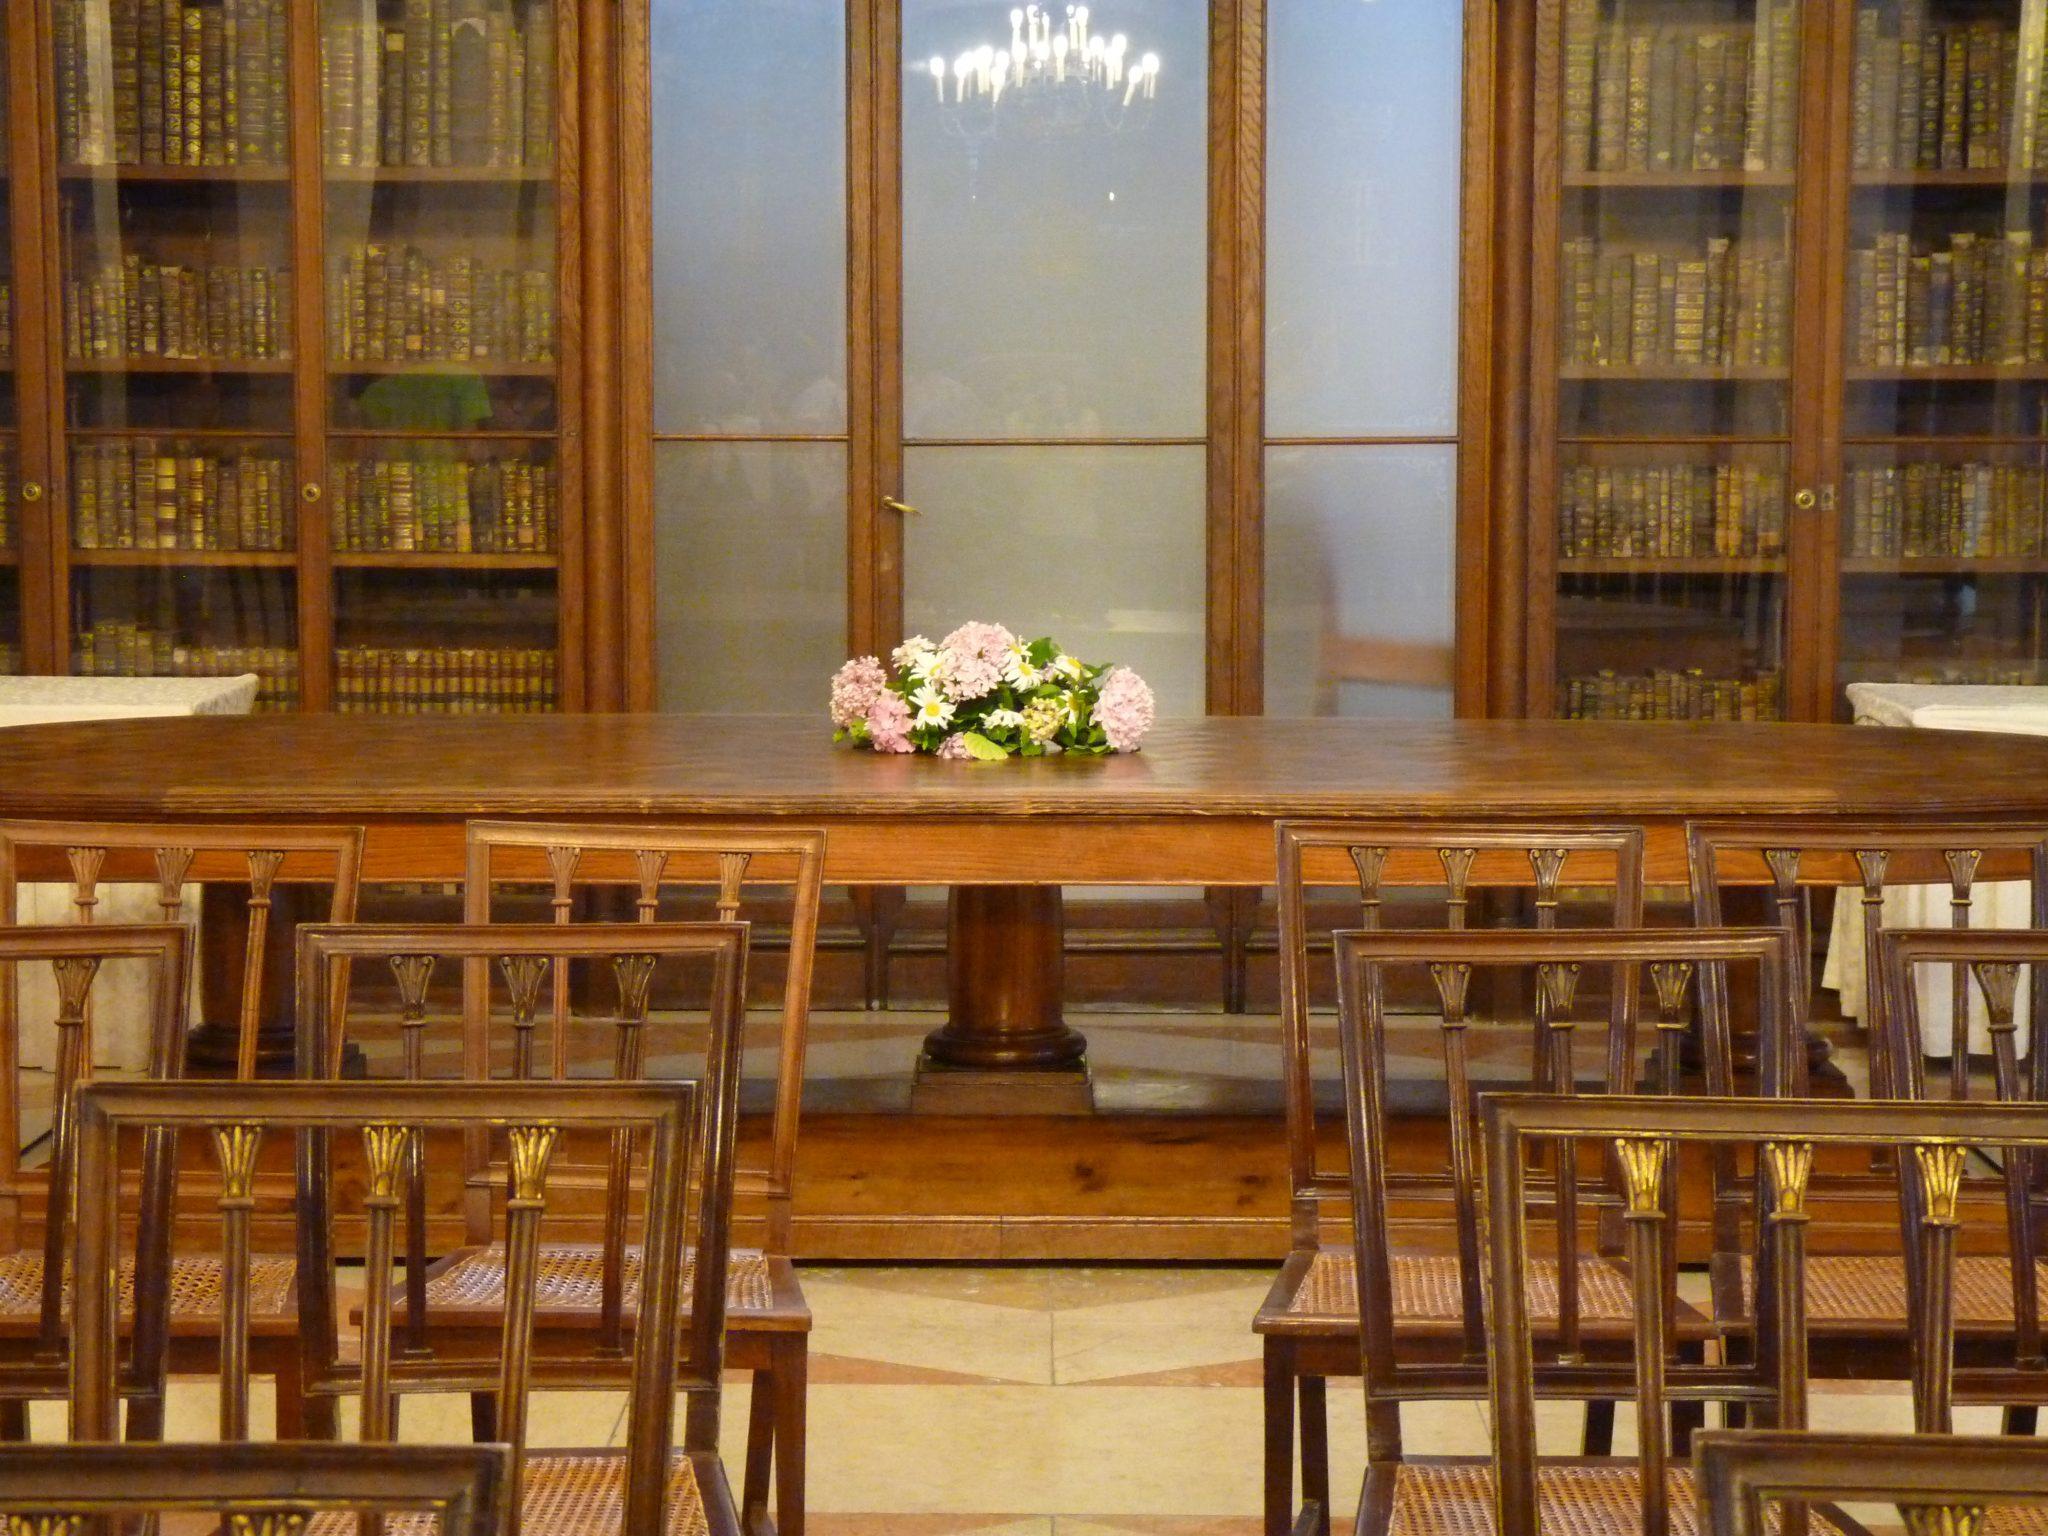 Câmara Municipal de Lisboa sala do arquivo 02 Lisboa Portugal Mundo Indefinido.JPG